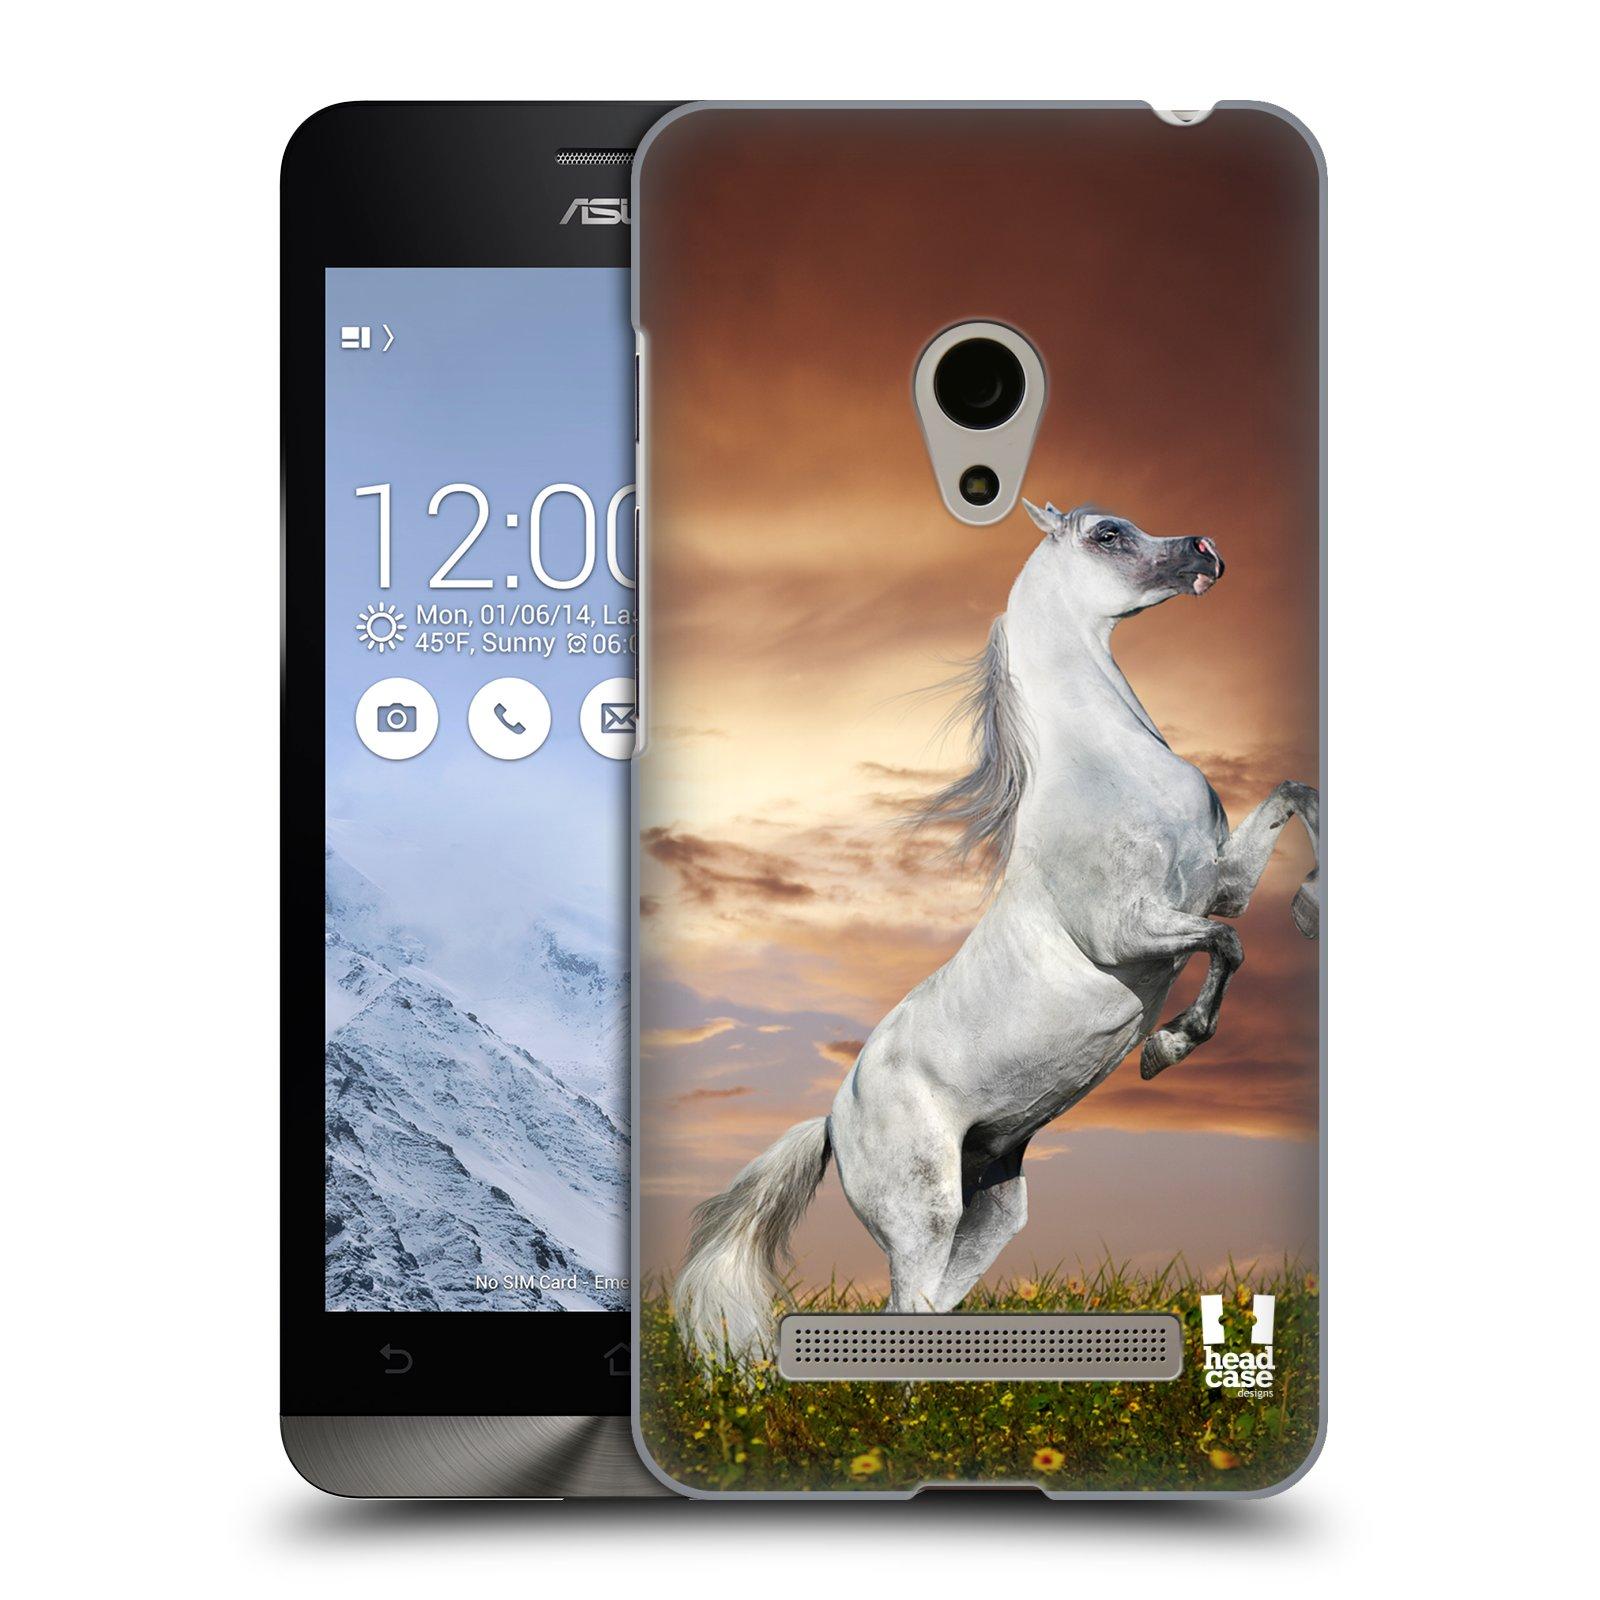 HEAD CASE plastový obal na mobil Asus Zenfone 5 vzor Divočina, Divoký život a zvířata foto DIVOKÝ KŮŇ MUSTANG BÍLÁ